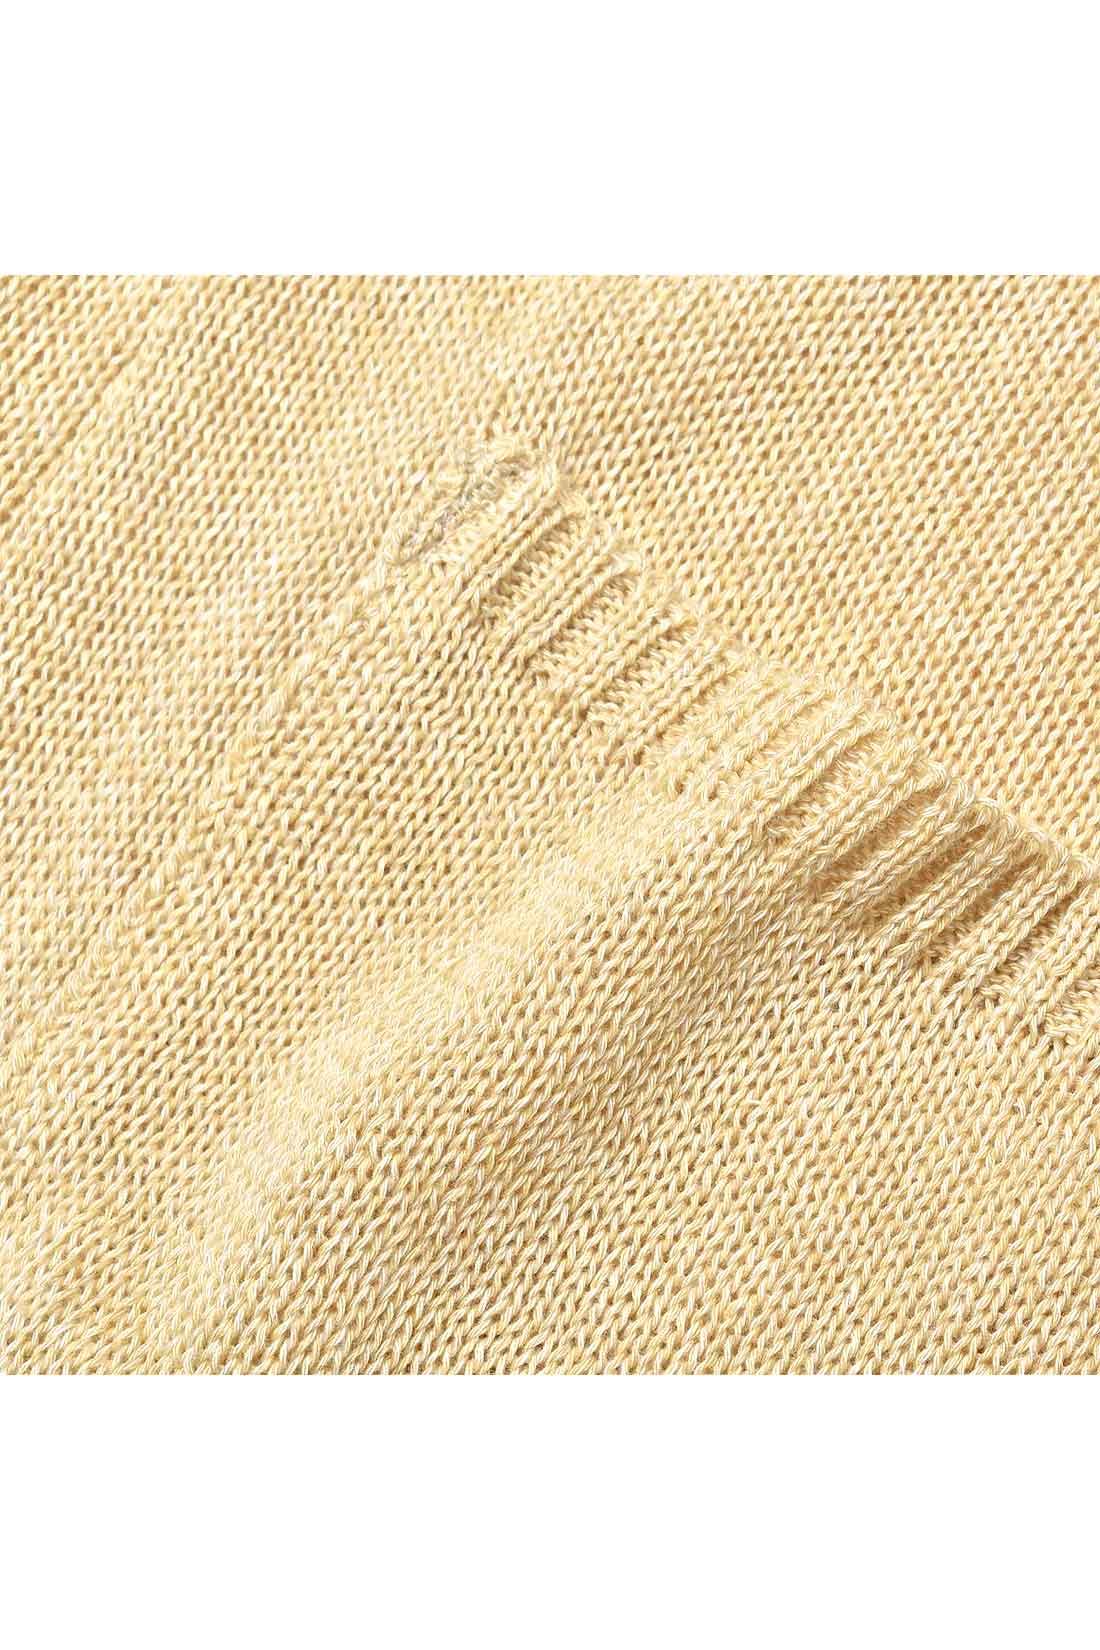 通常のアクリルよりソフトでふっくらしたドラロン綿の糸を3色ミックスした撚り杢の糸でゆるくざっくりと編んだ編み地。